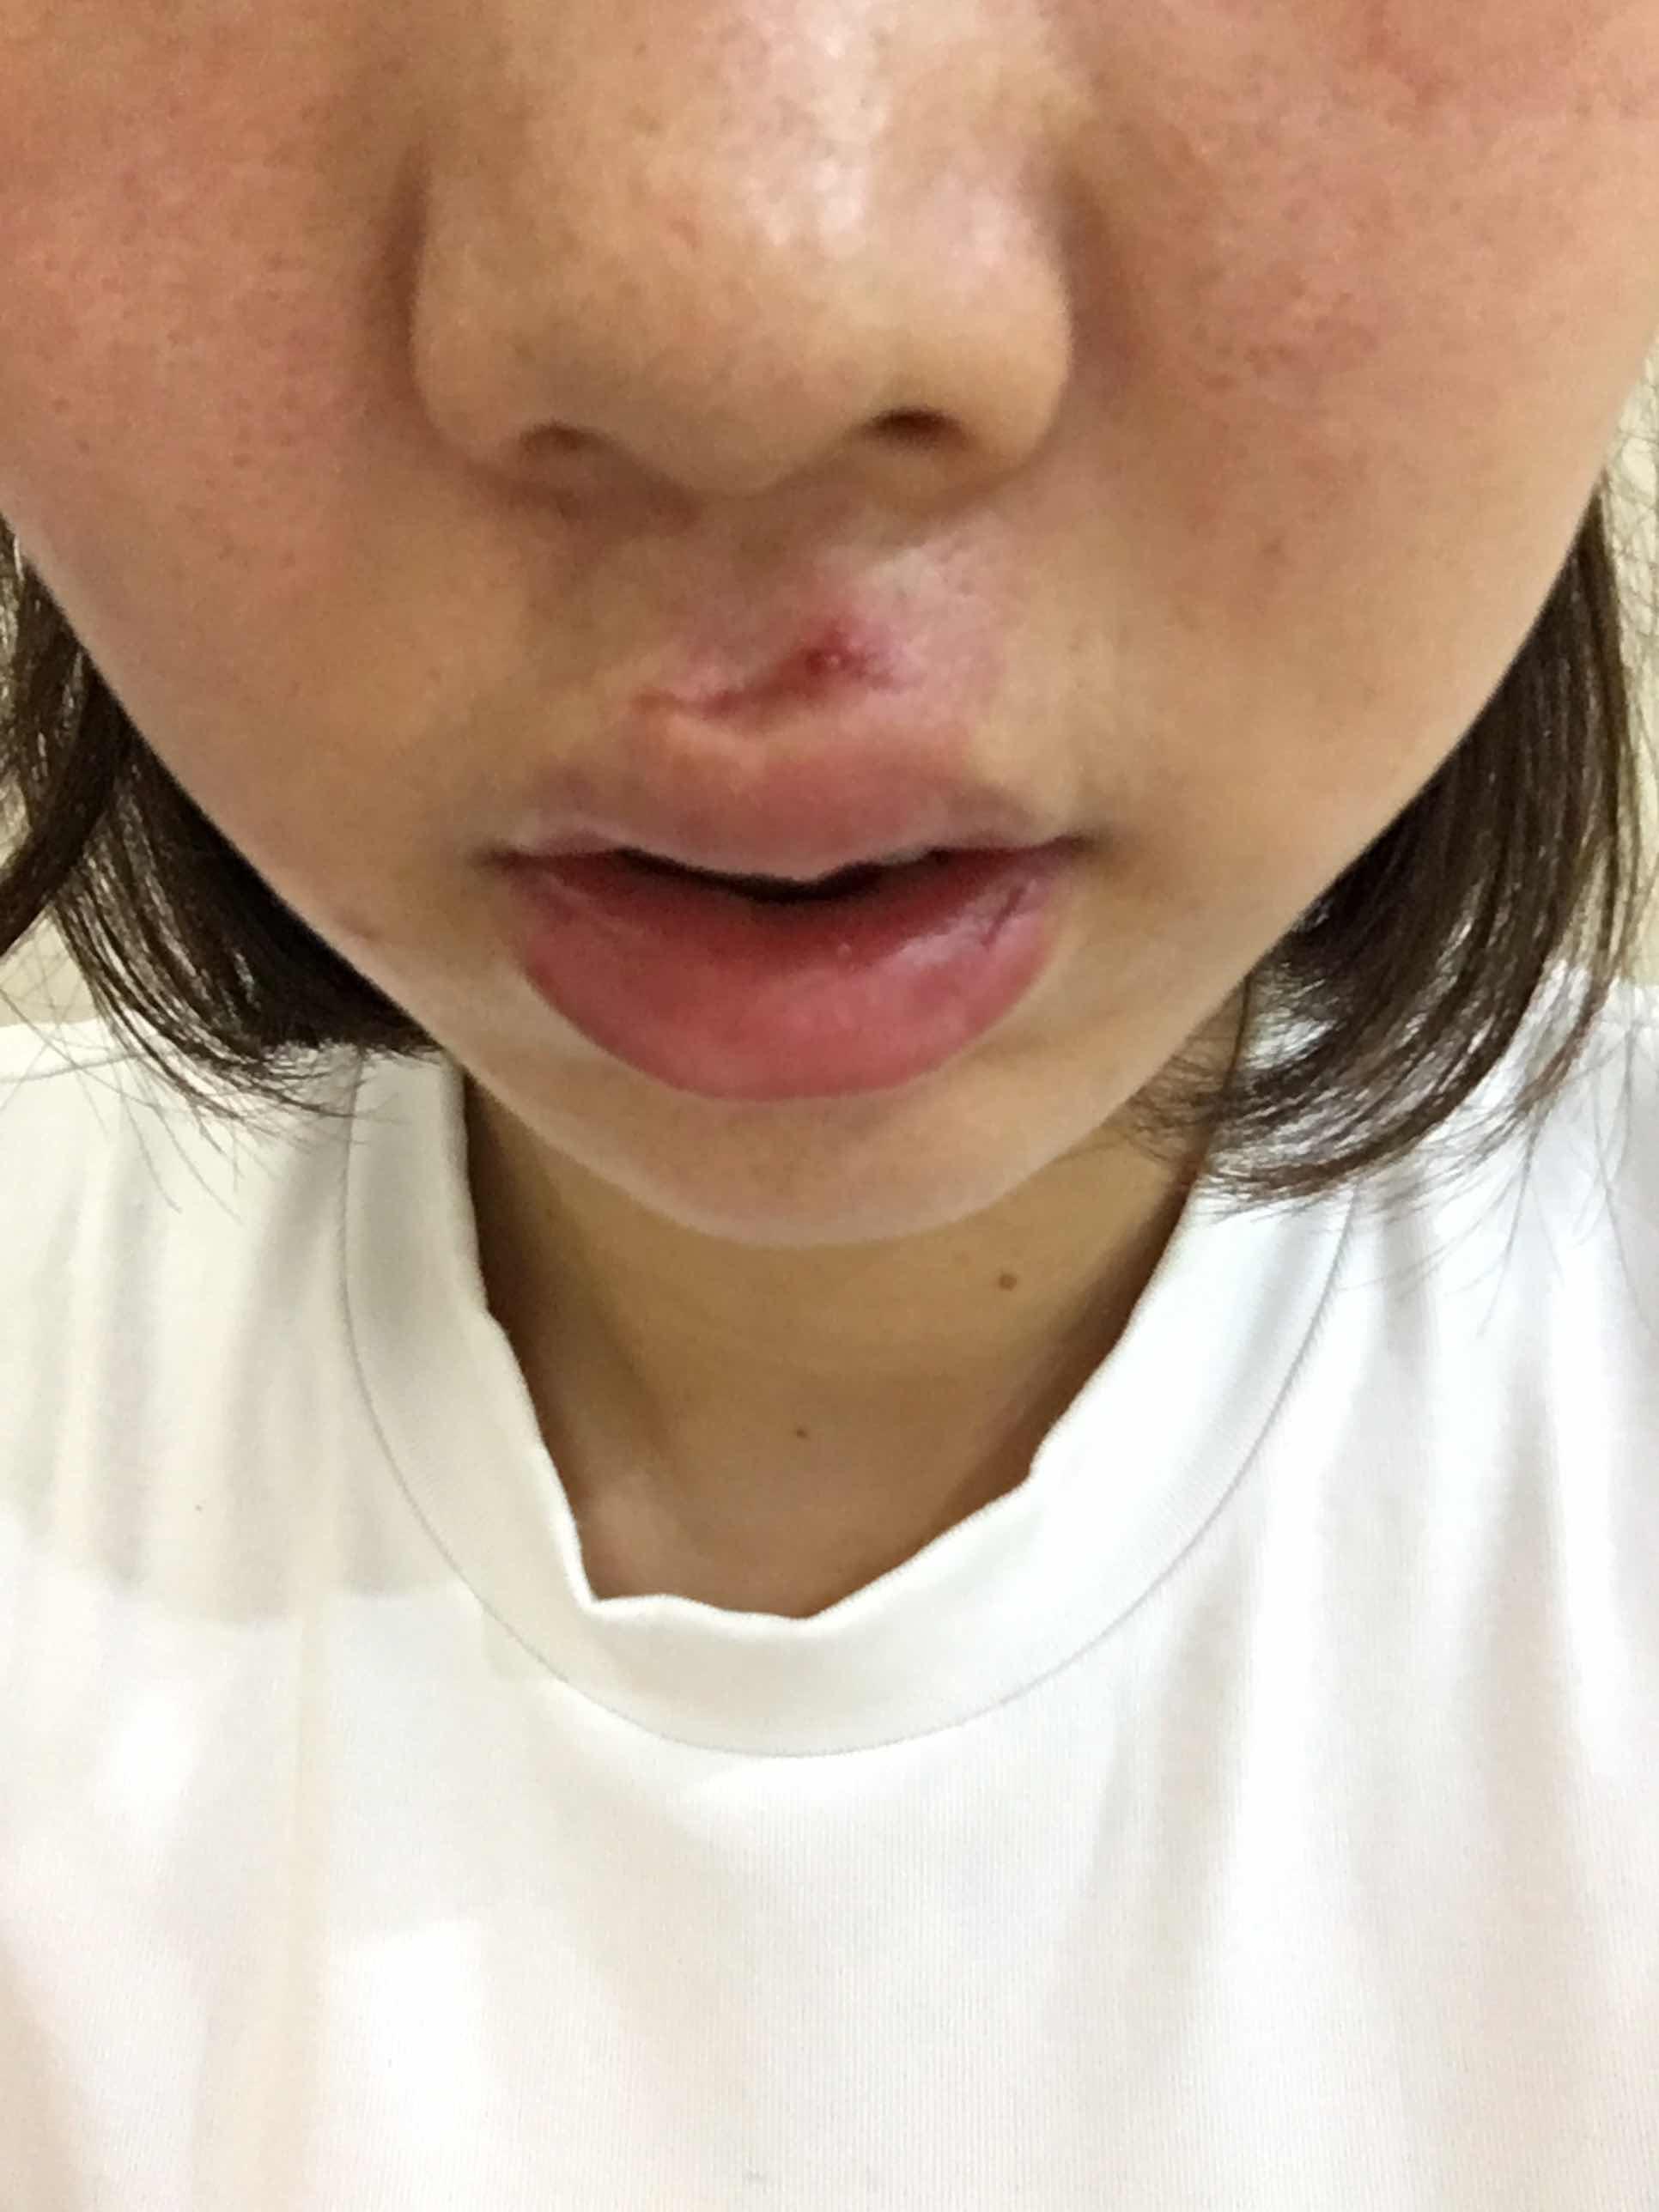 嘴唇有伤疤怎么去掉,人中部位贯穿伤 里面缝针 外面医用胶水处理 受伤22天